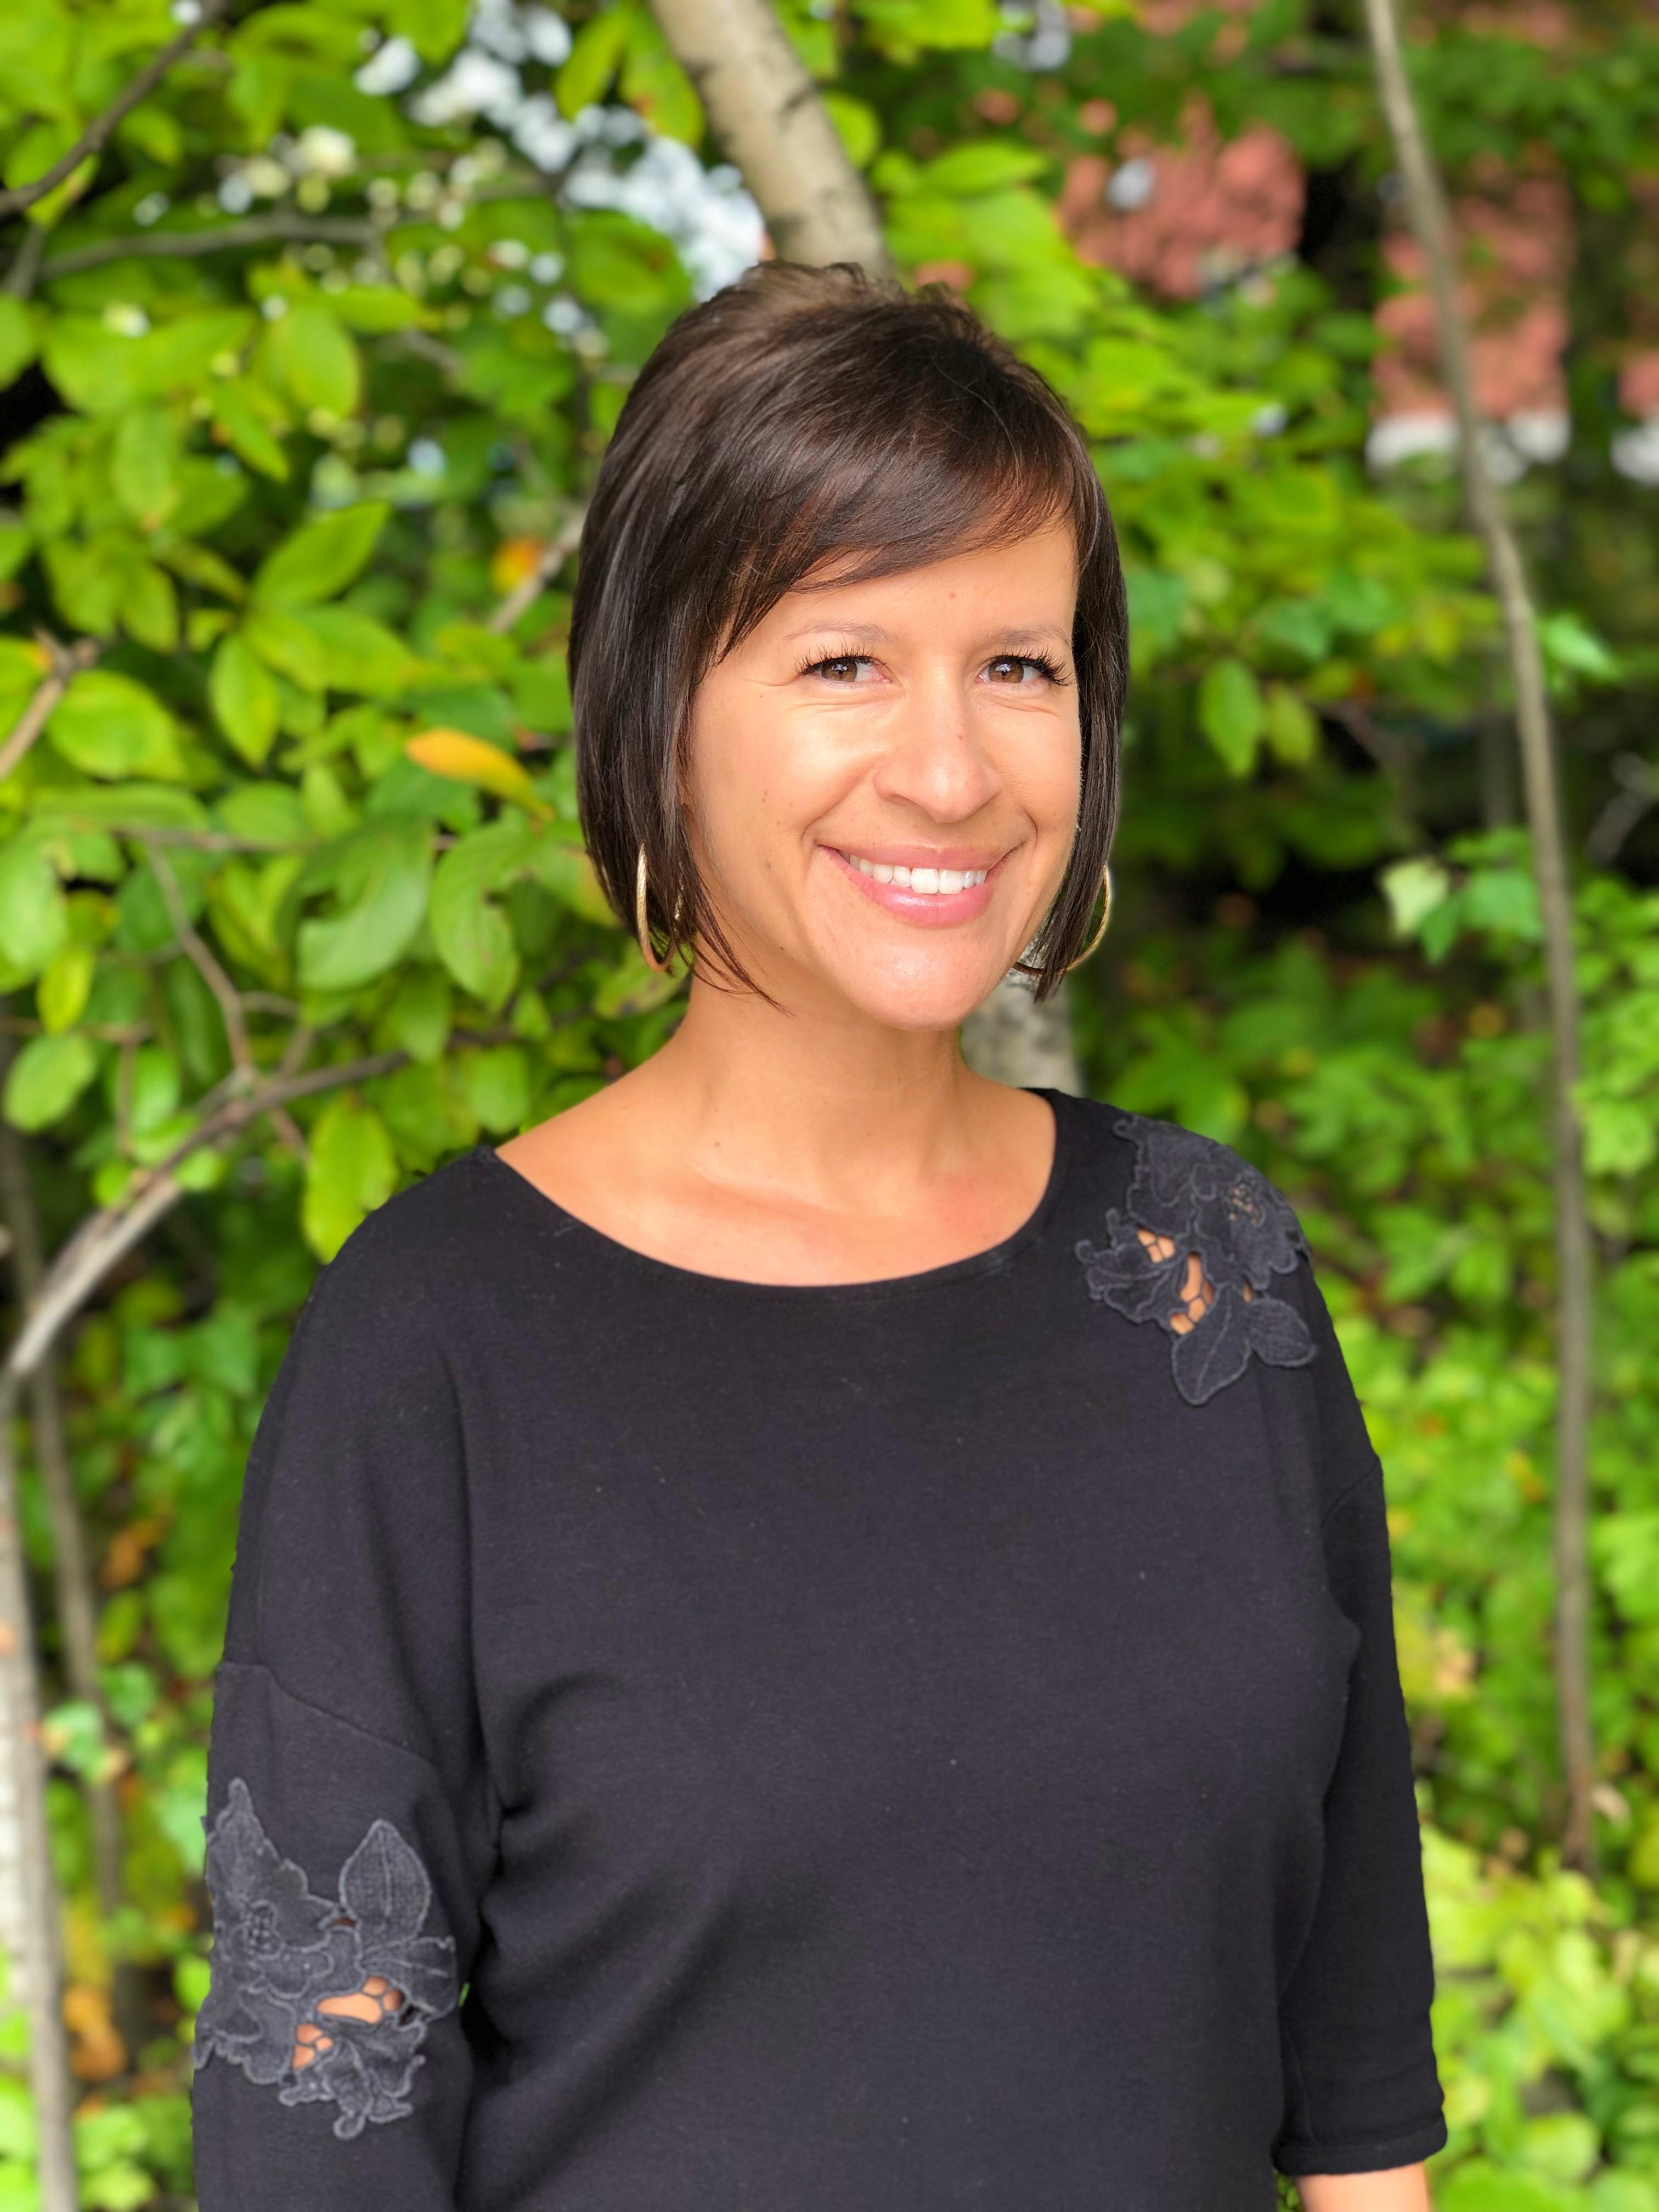 Cynthia Beaulieu